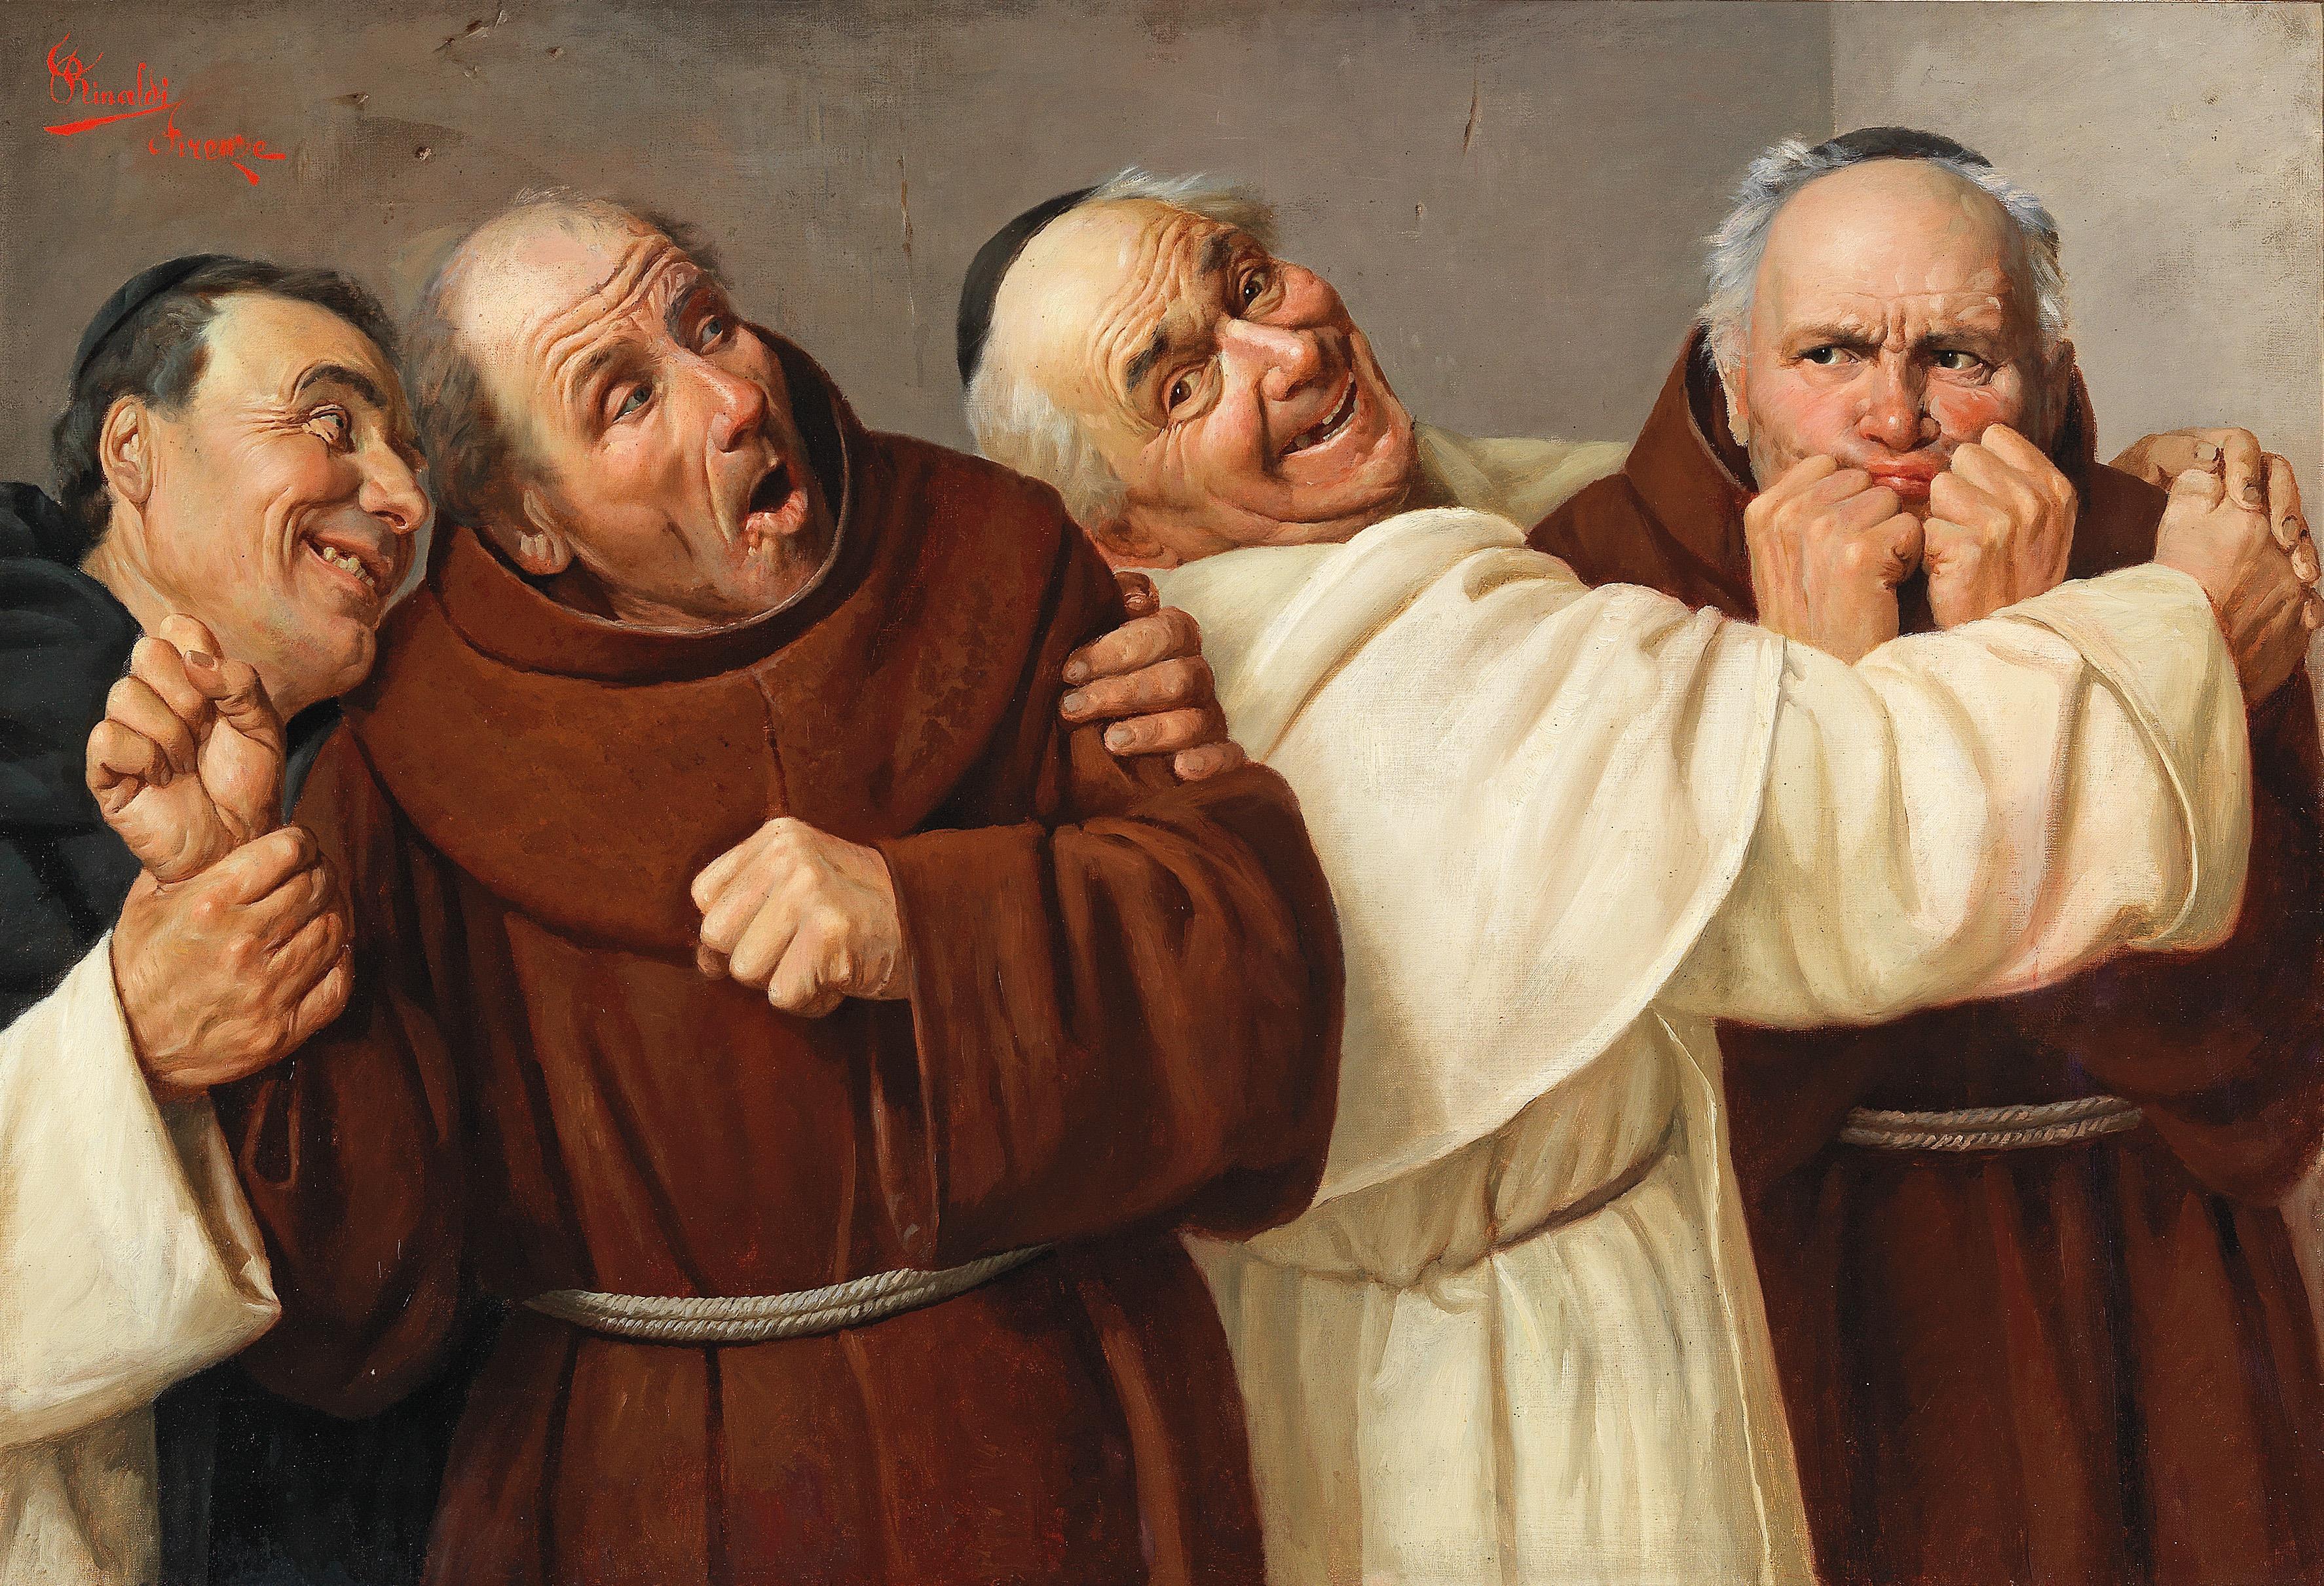 El hábito no hace al monje. – La Verdad nos hace libres y da sentido a la  vida